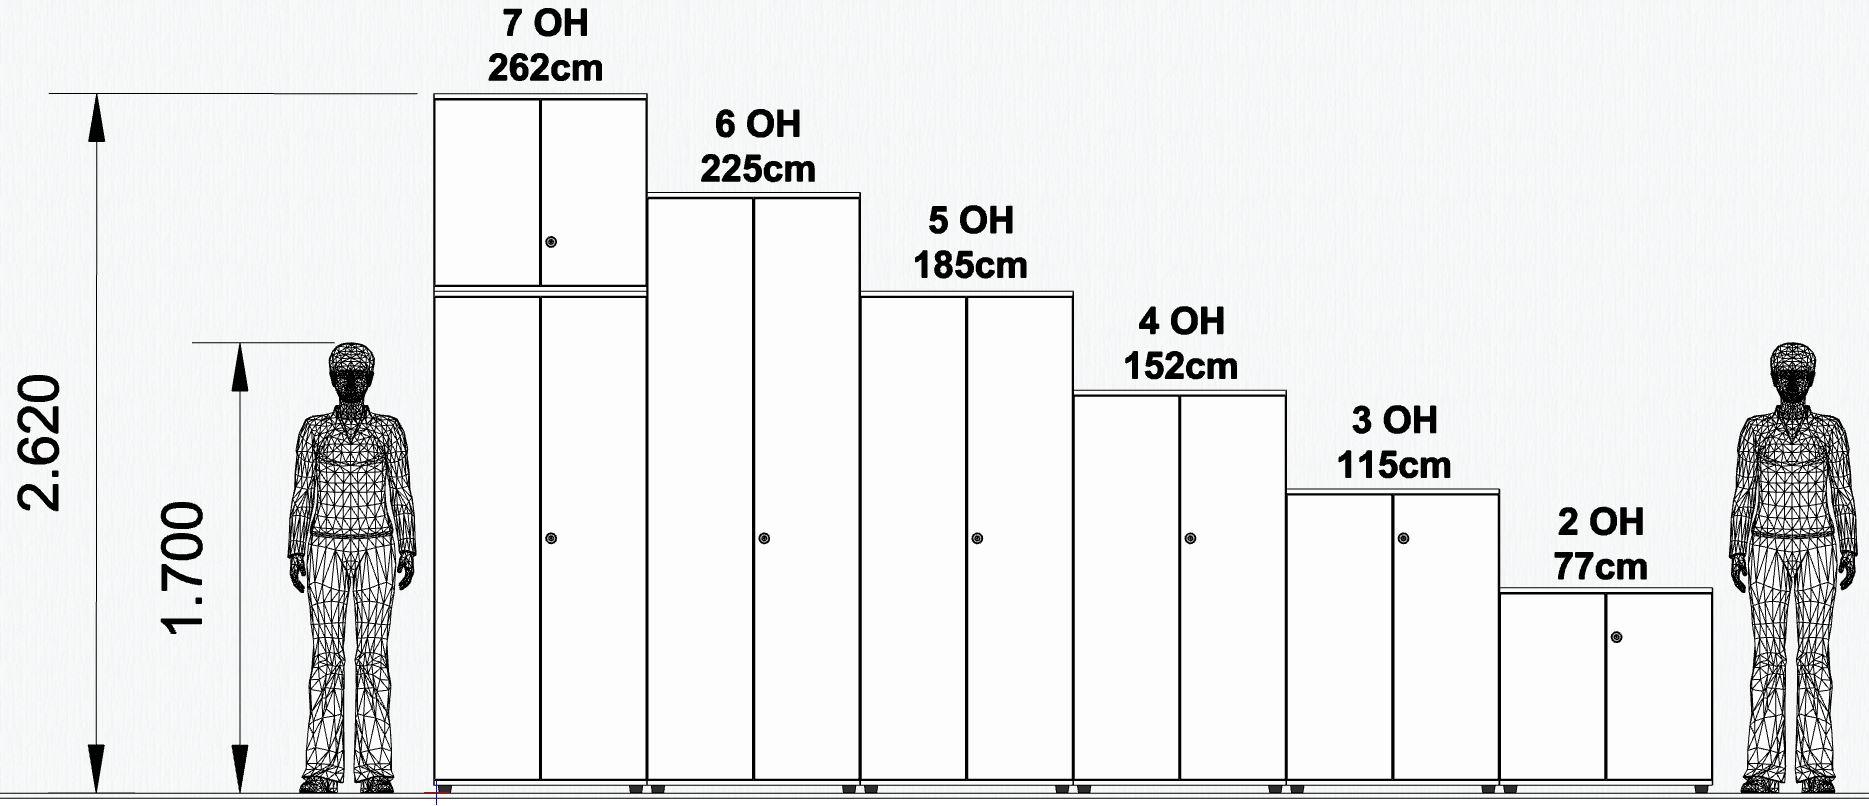 Erklärung von Ordnerhöhen für Aktenschränke